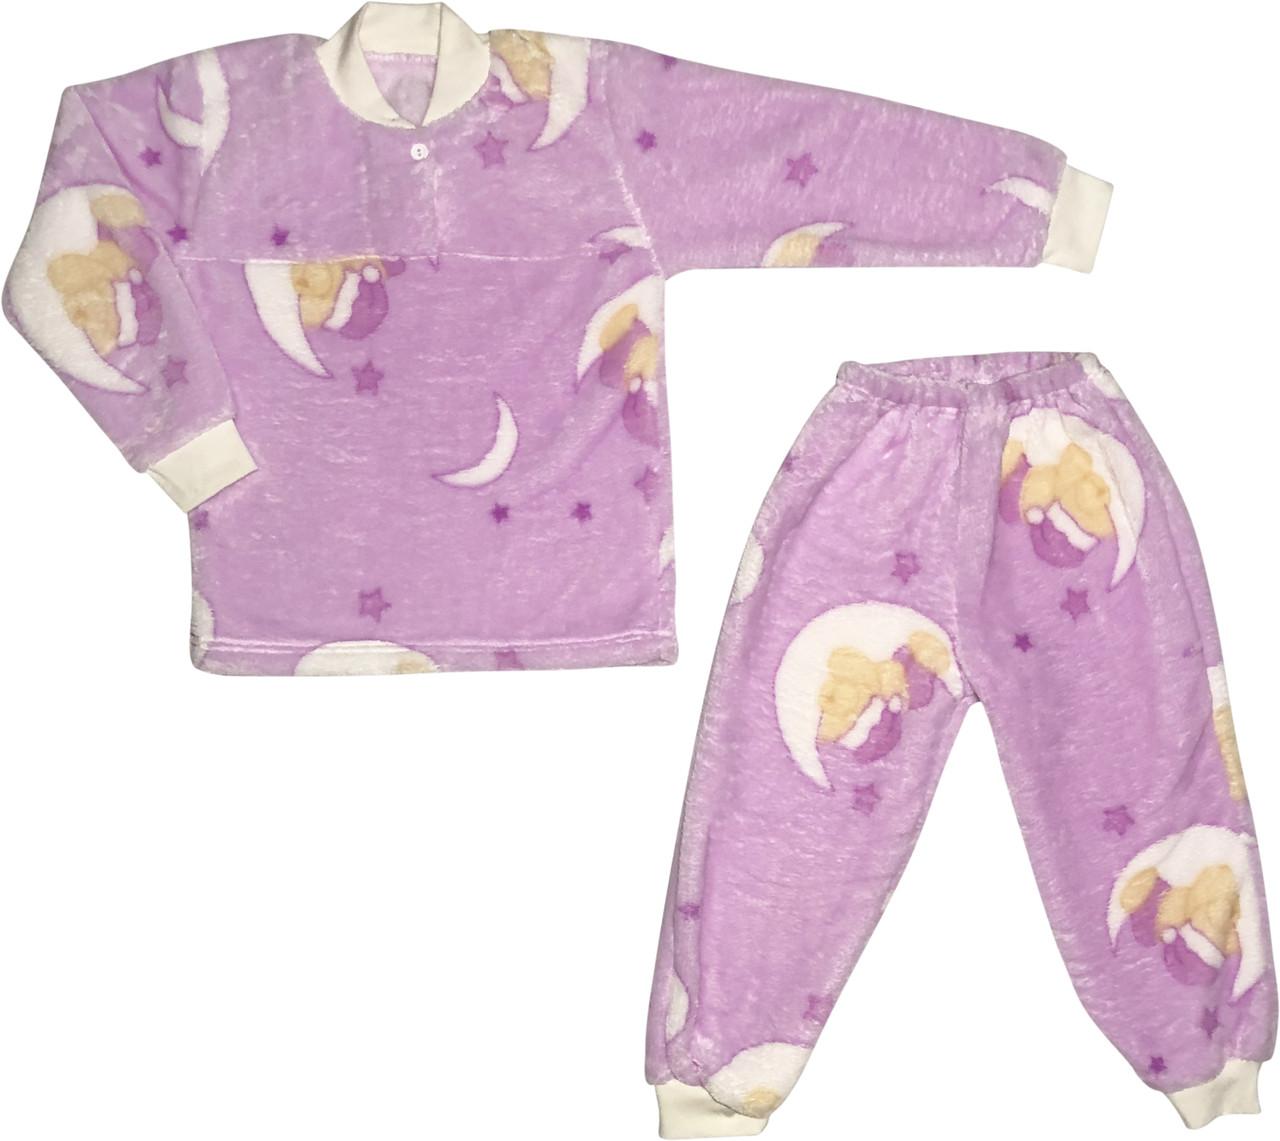 Дитяча тепла піжама зростання 110 4 роки-5 років махра бузковий на дівчинку для дітей Ф-841